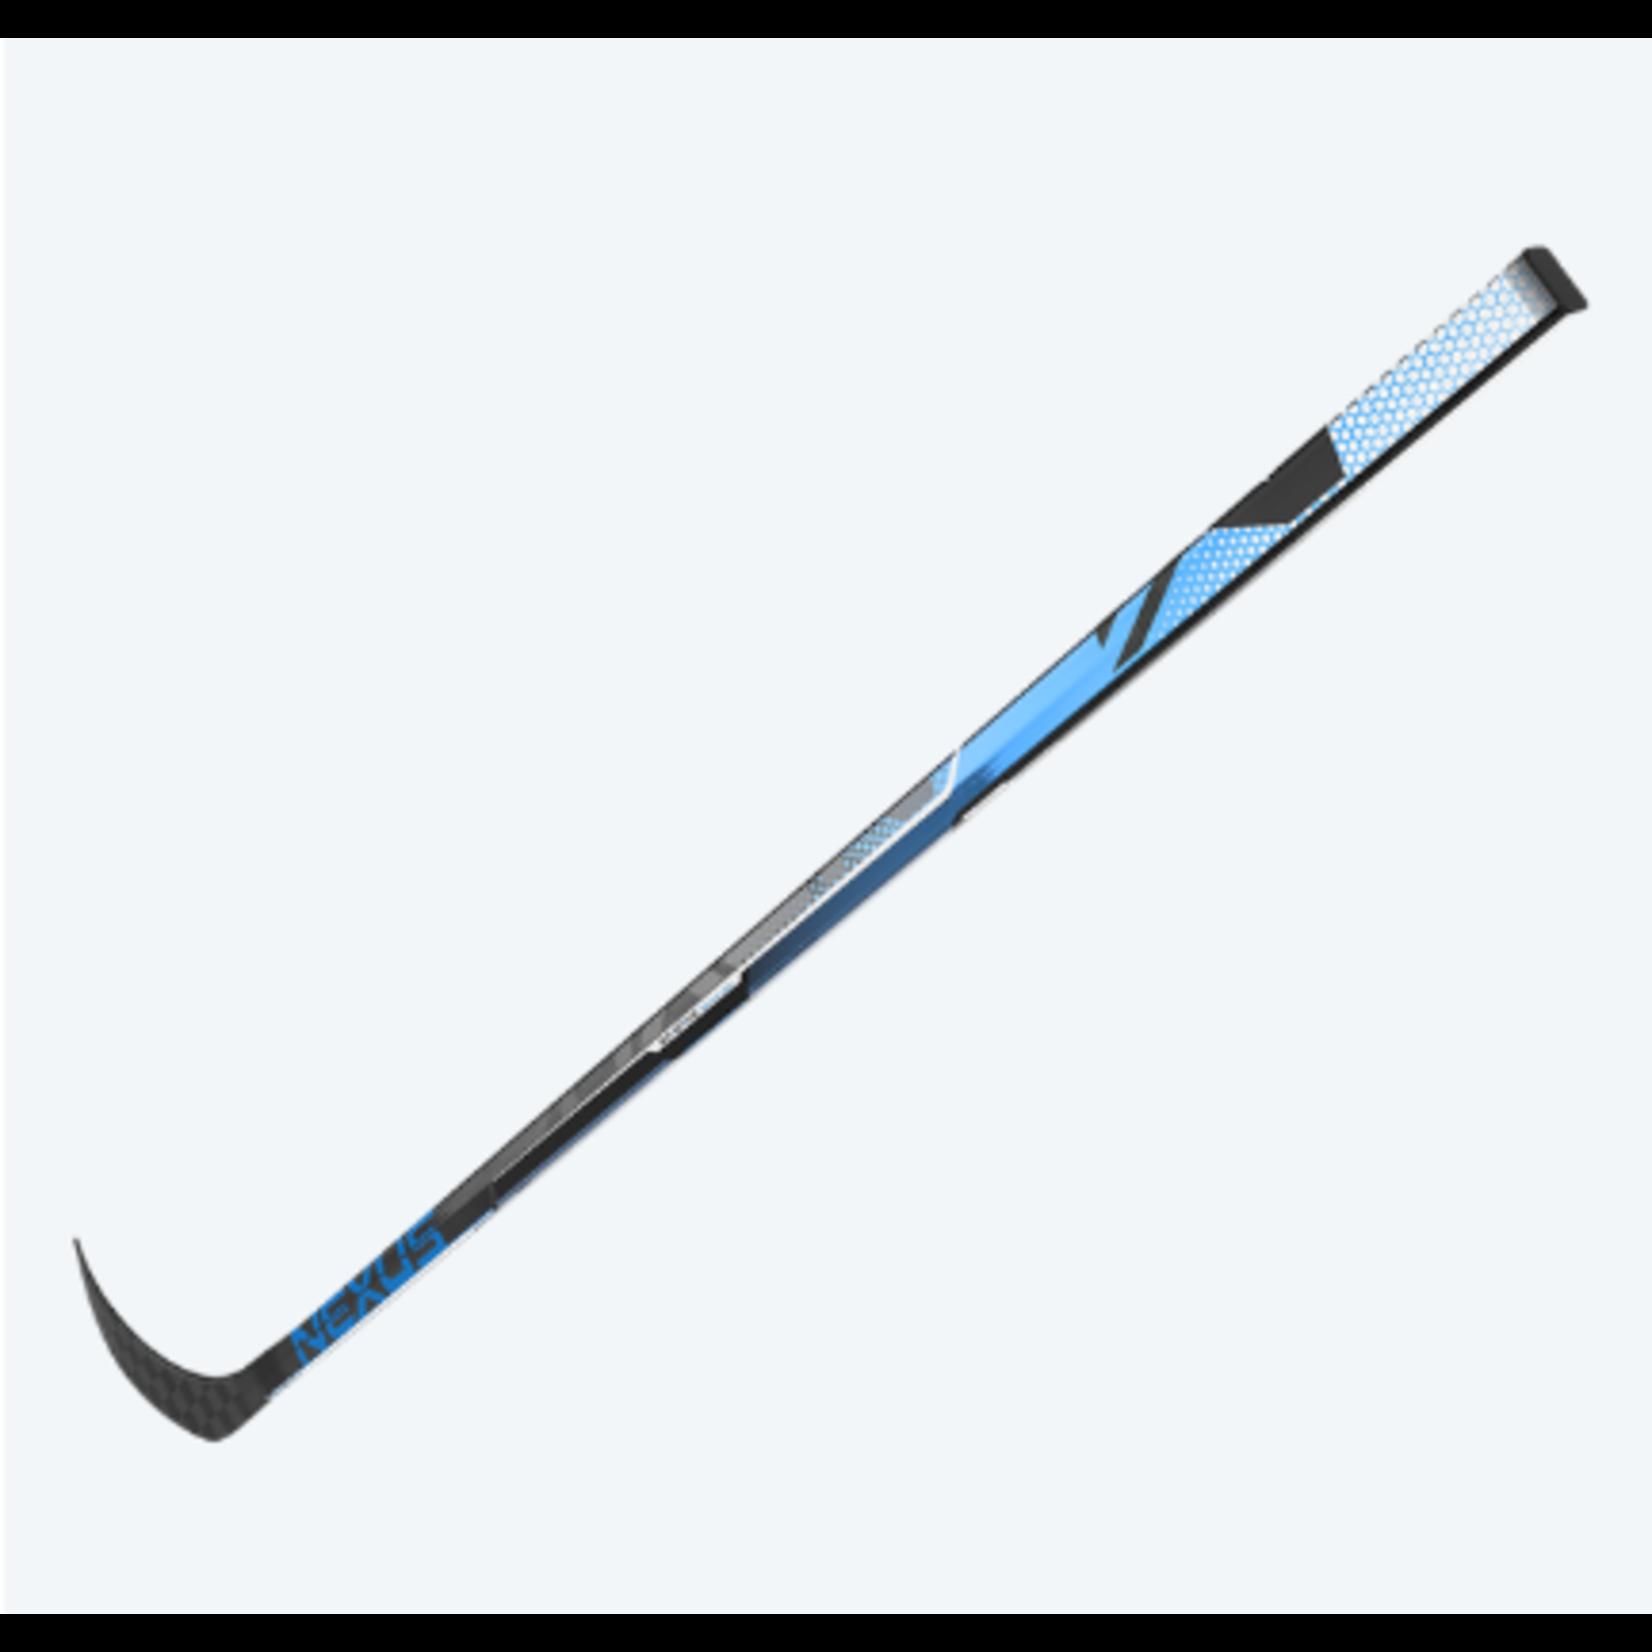 Bauer S21 Nexus 3N Pro Grip Stick Int - 55